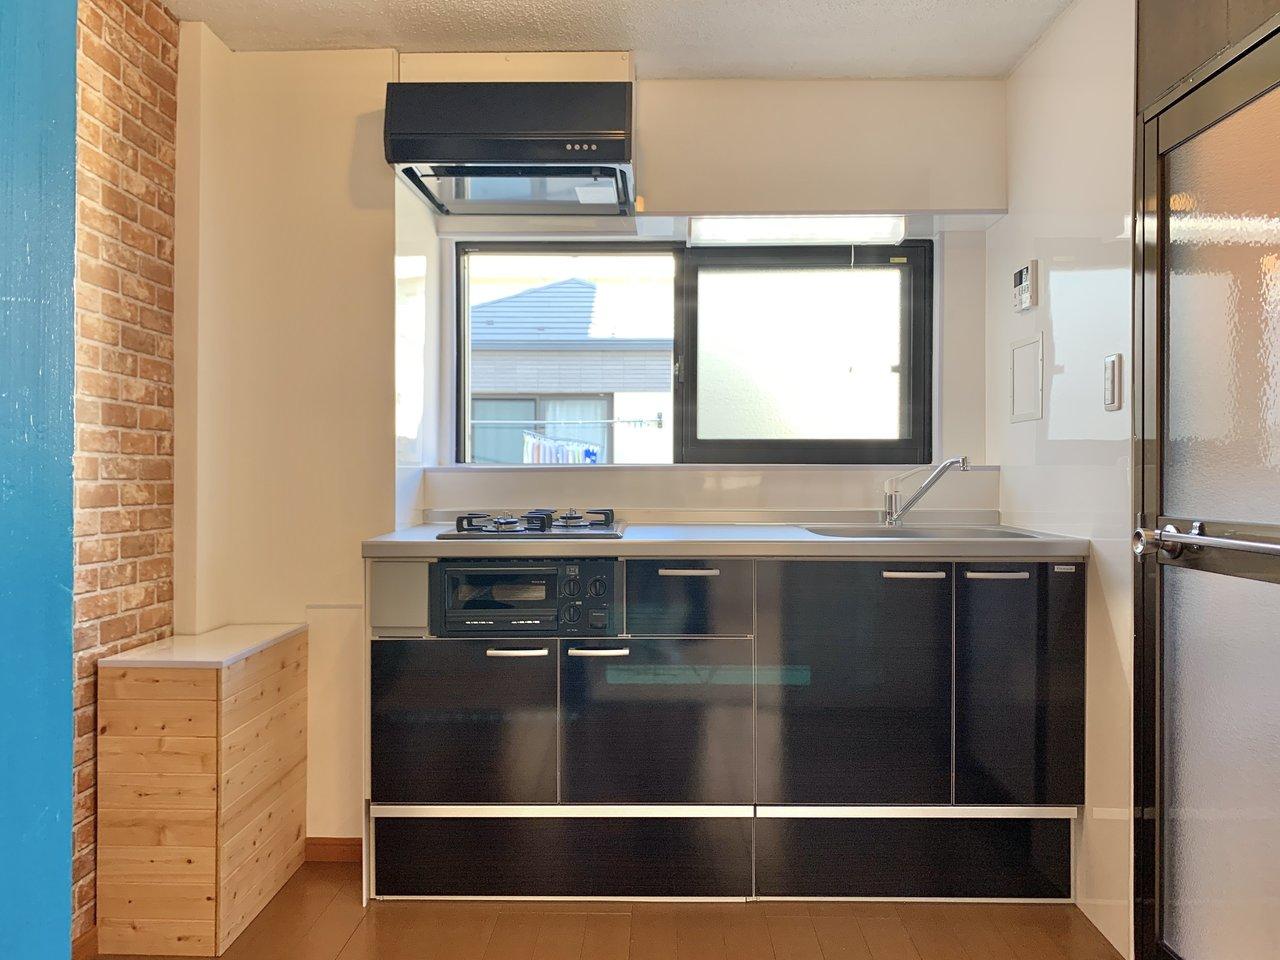 キッチンには小窓がついていて、さらに広さは4.5畳分もあるんです。二人仲良く並んで料理も容易にできそうですね。